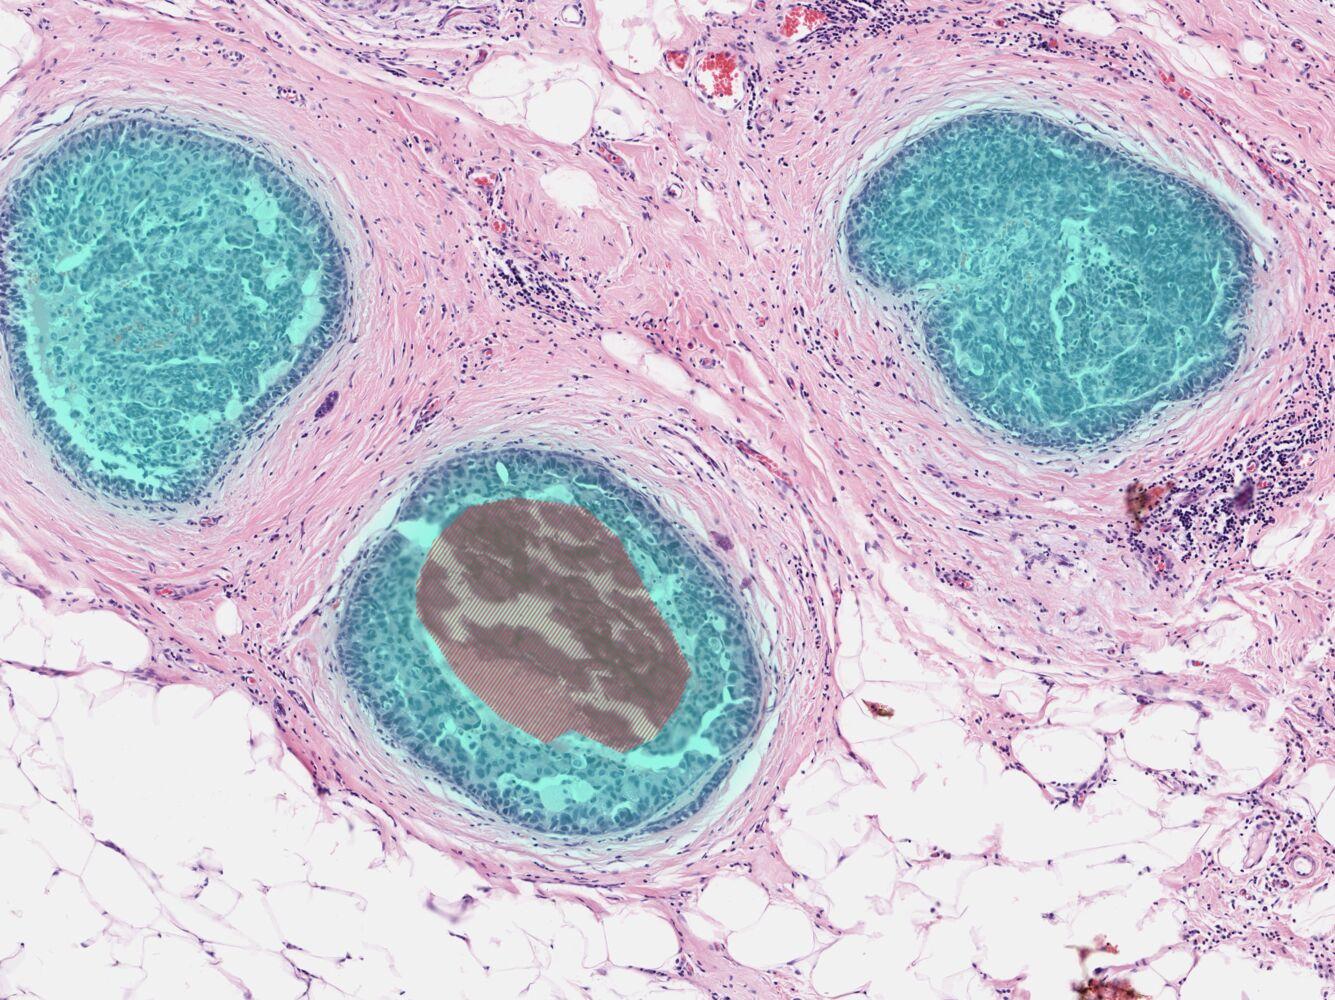 intraductal papilloma amboss)